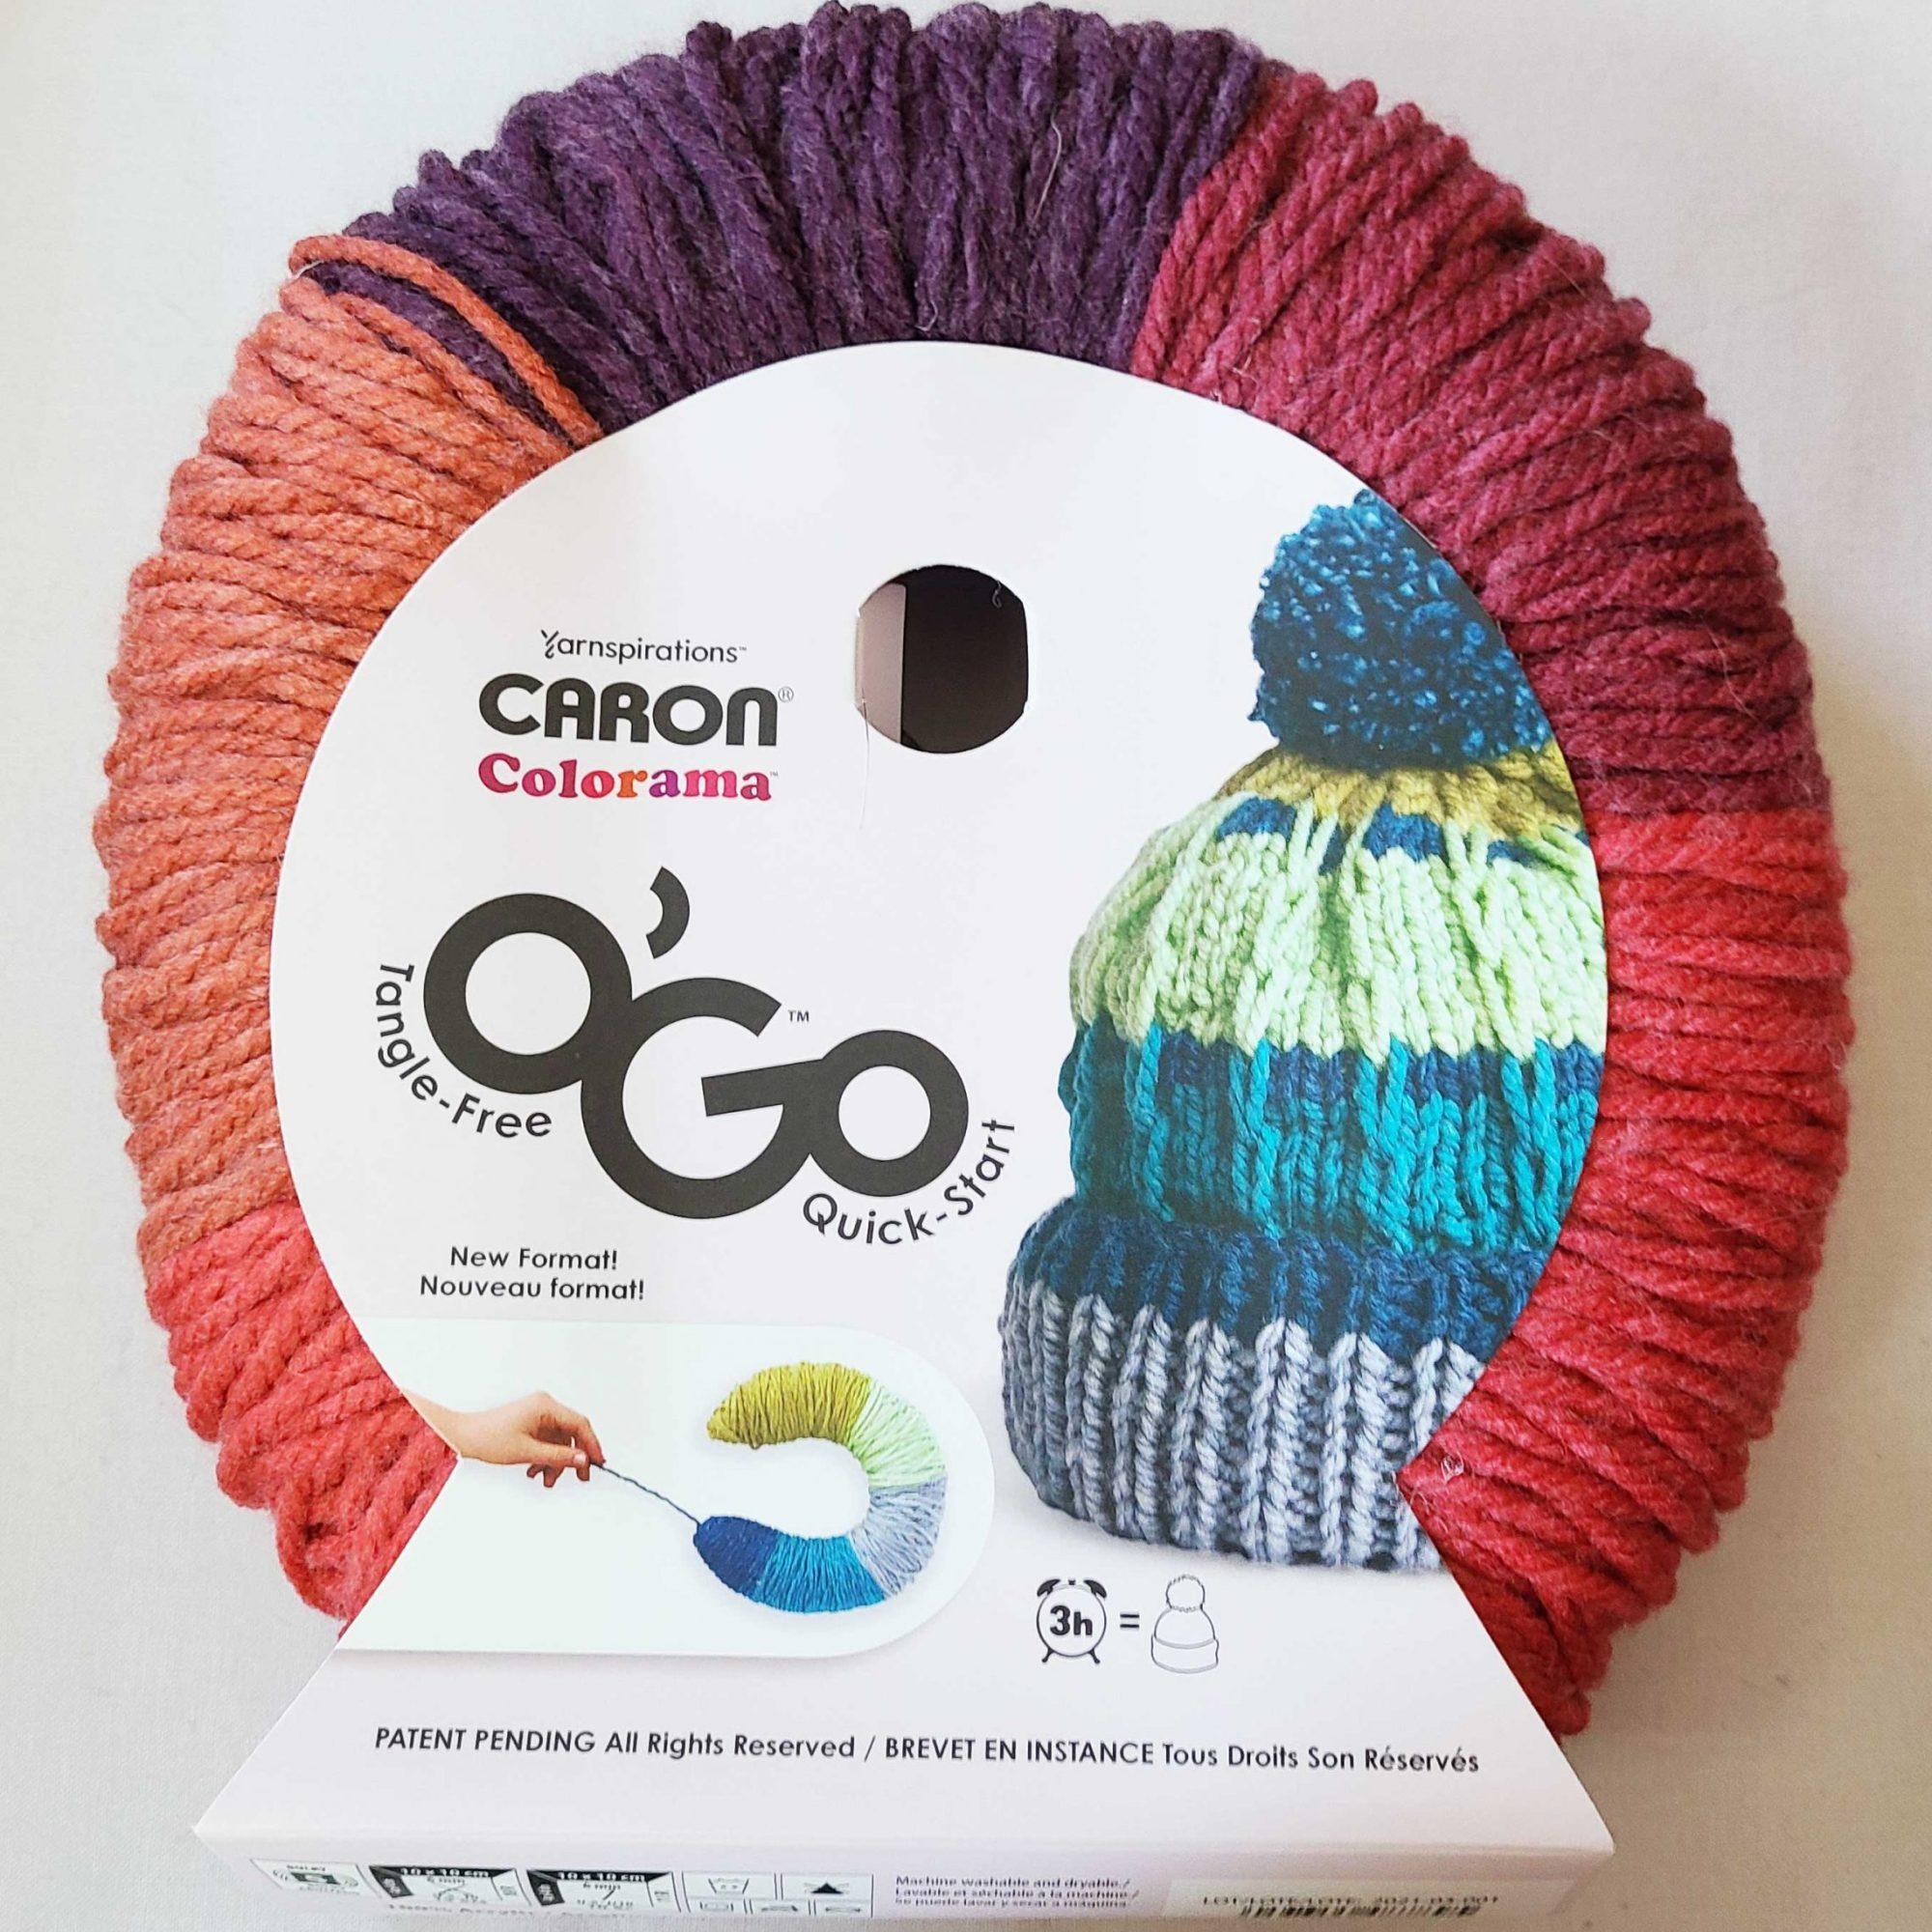 a package of O'Go yarn